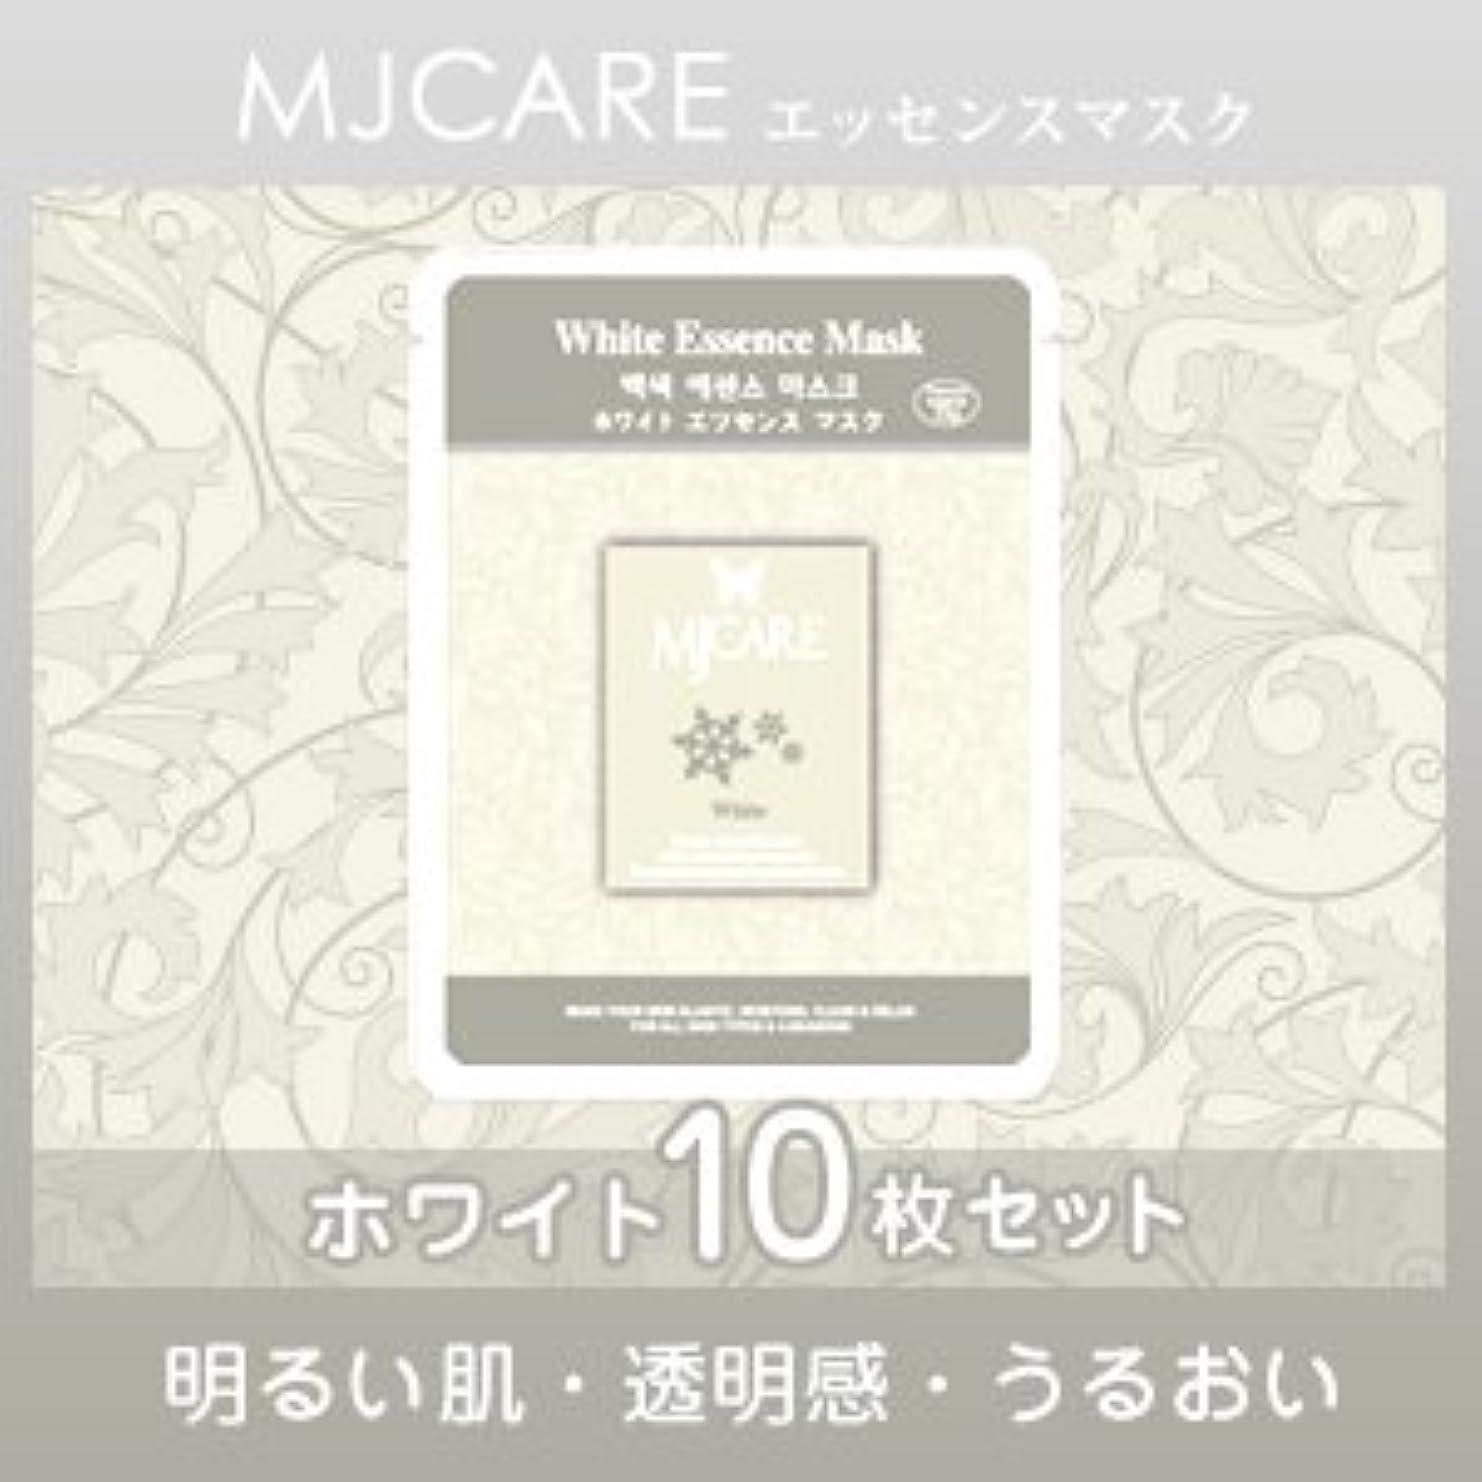 失礼グラム最少MJCARE (エムジェイケア) ホワイト エッセンスマスク 10セット